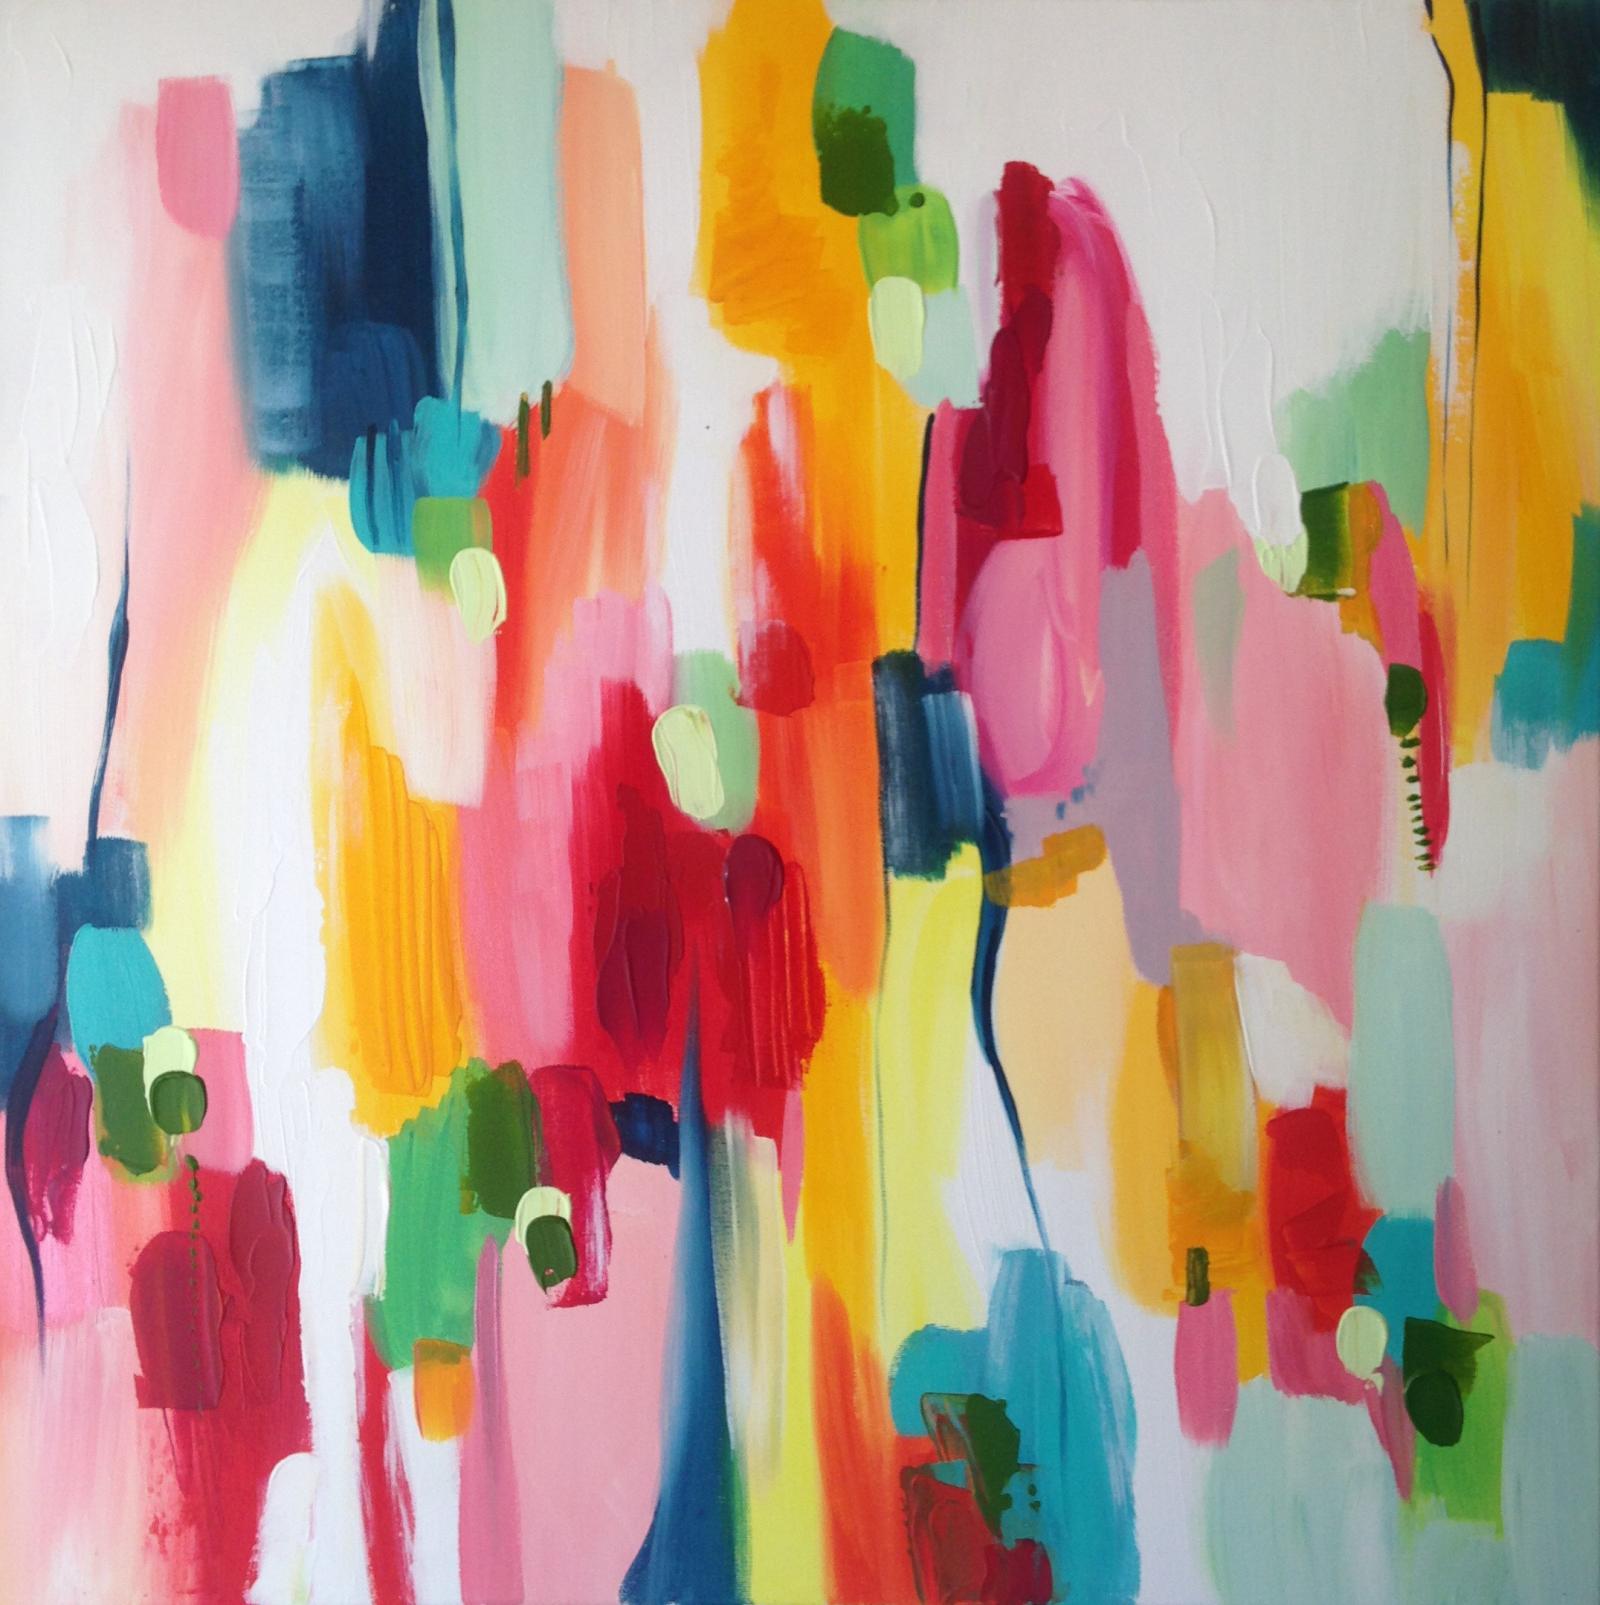 יצירה מאת Leanne Hughes